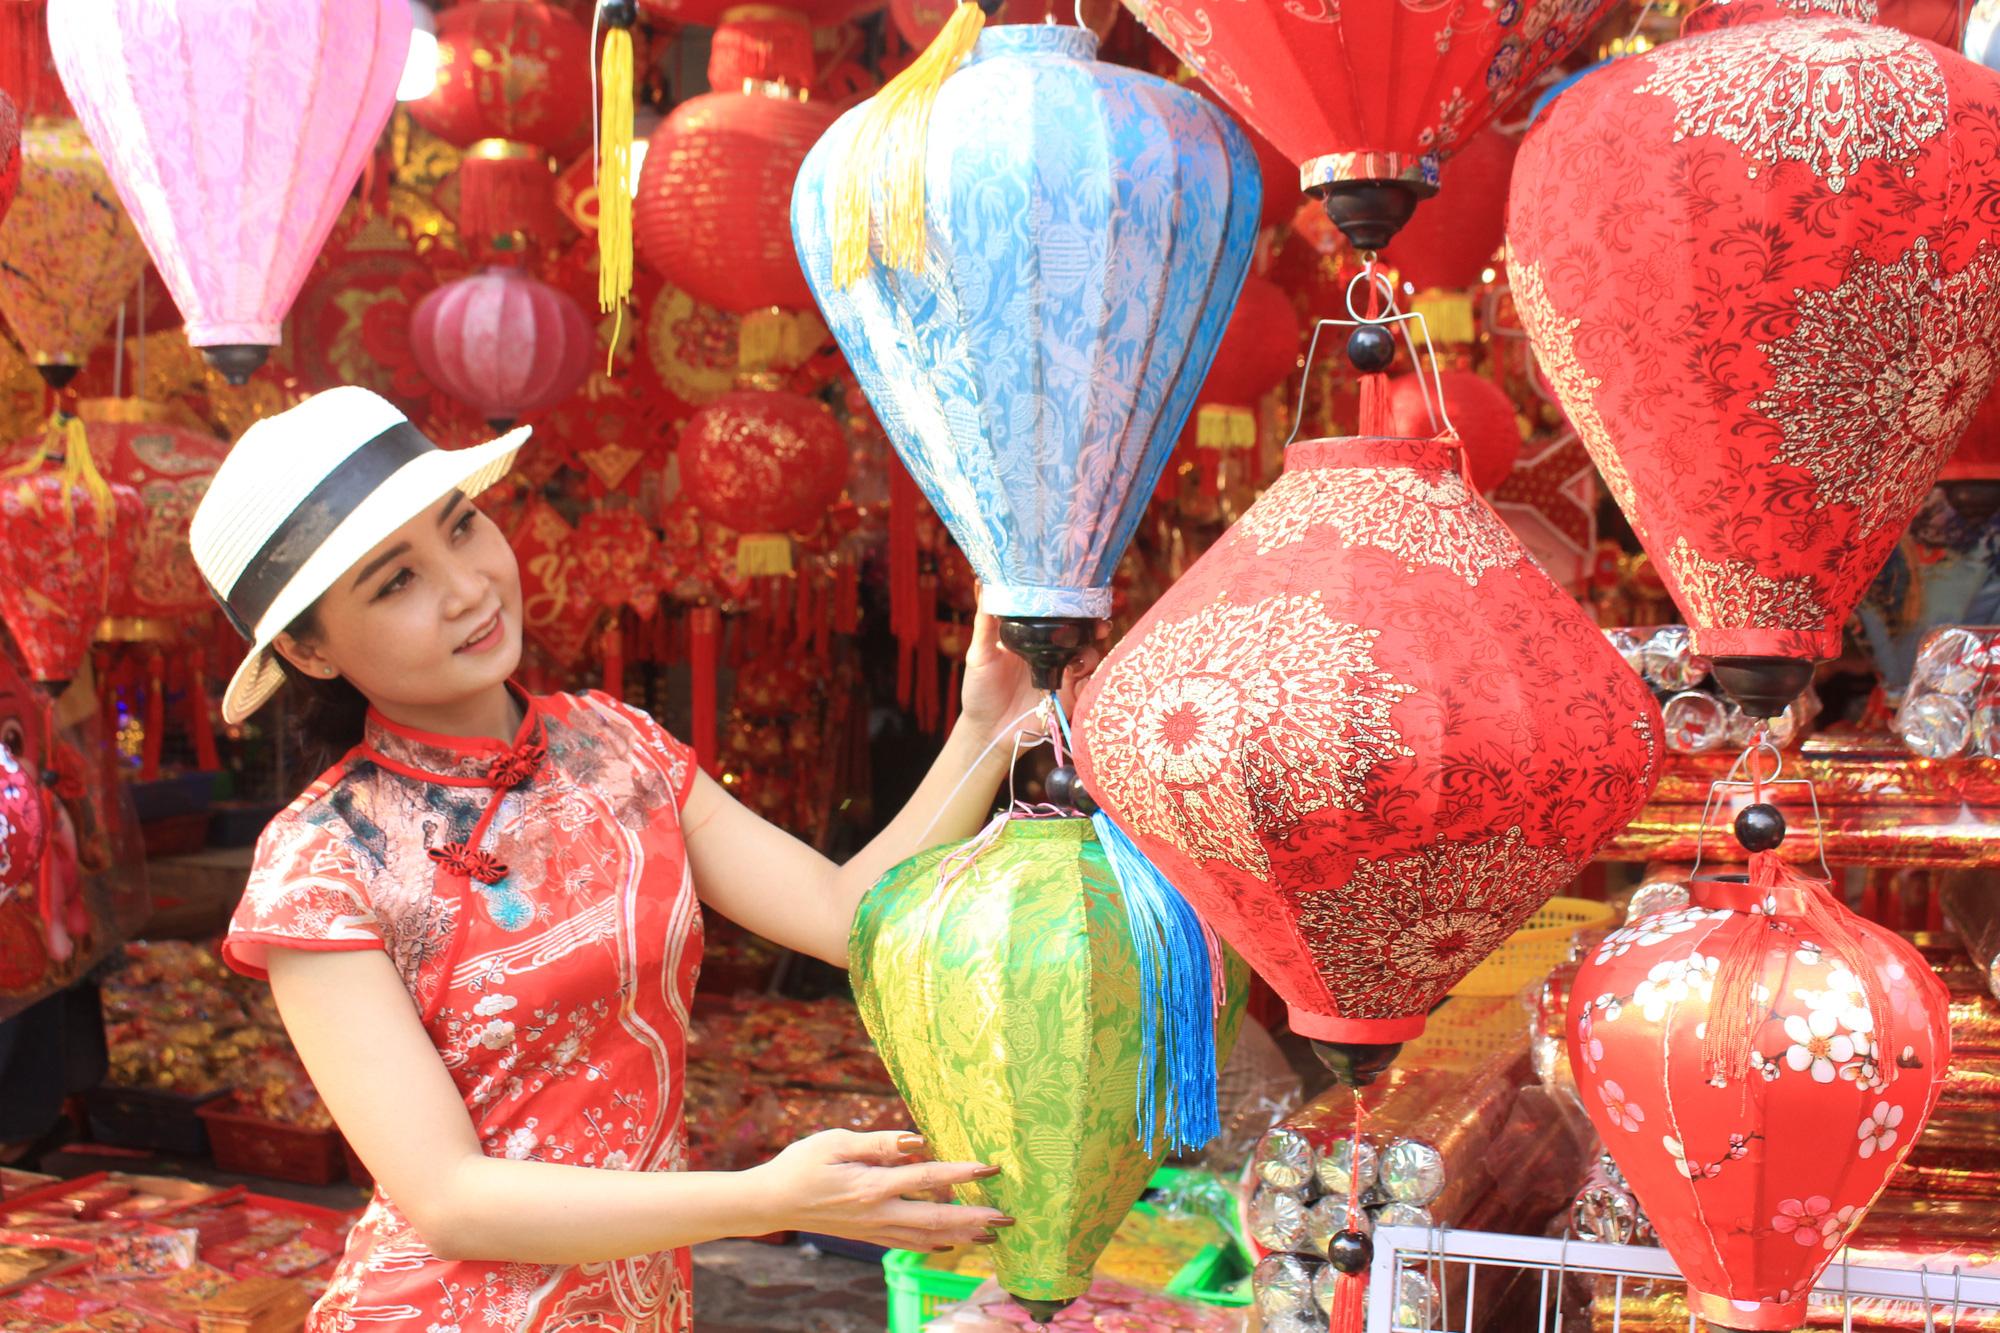 Giới trẻ check-in tuyến đường tết đỏ rực ở Sài Gòn, người bán vui vẻ nhưng tiết lộ điều này - Ảnh 5.